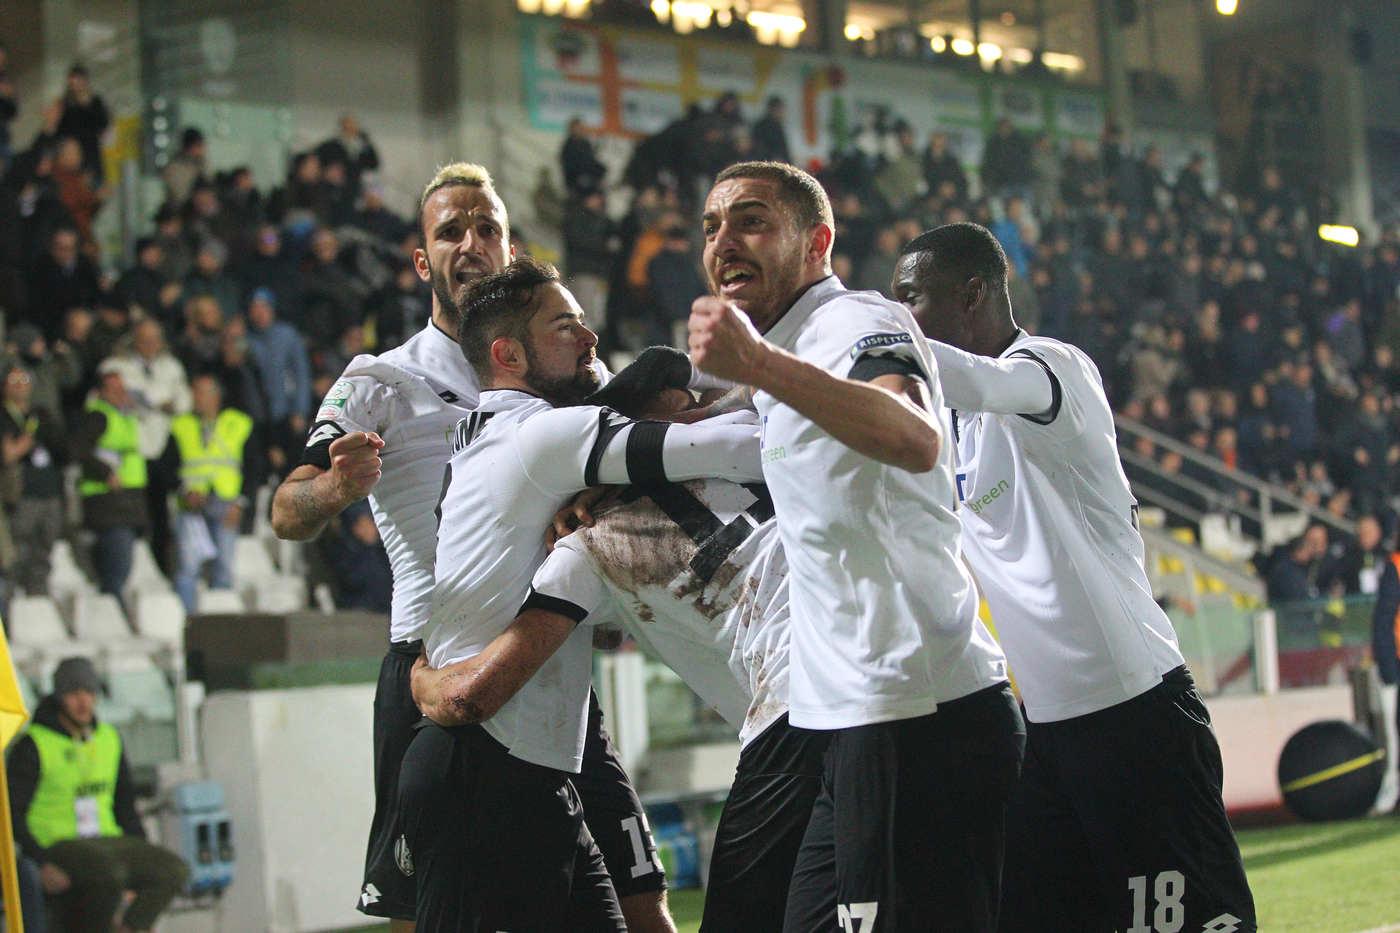 Gubbio-Cesena, il pronostico di Serie C: è sfida in zona play-out